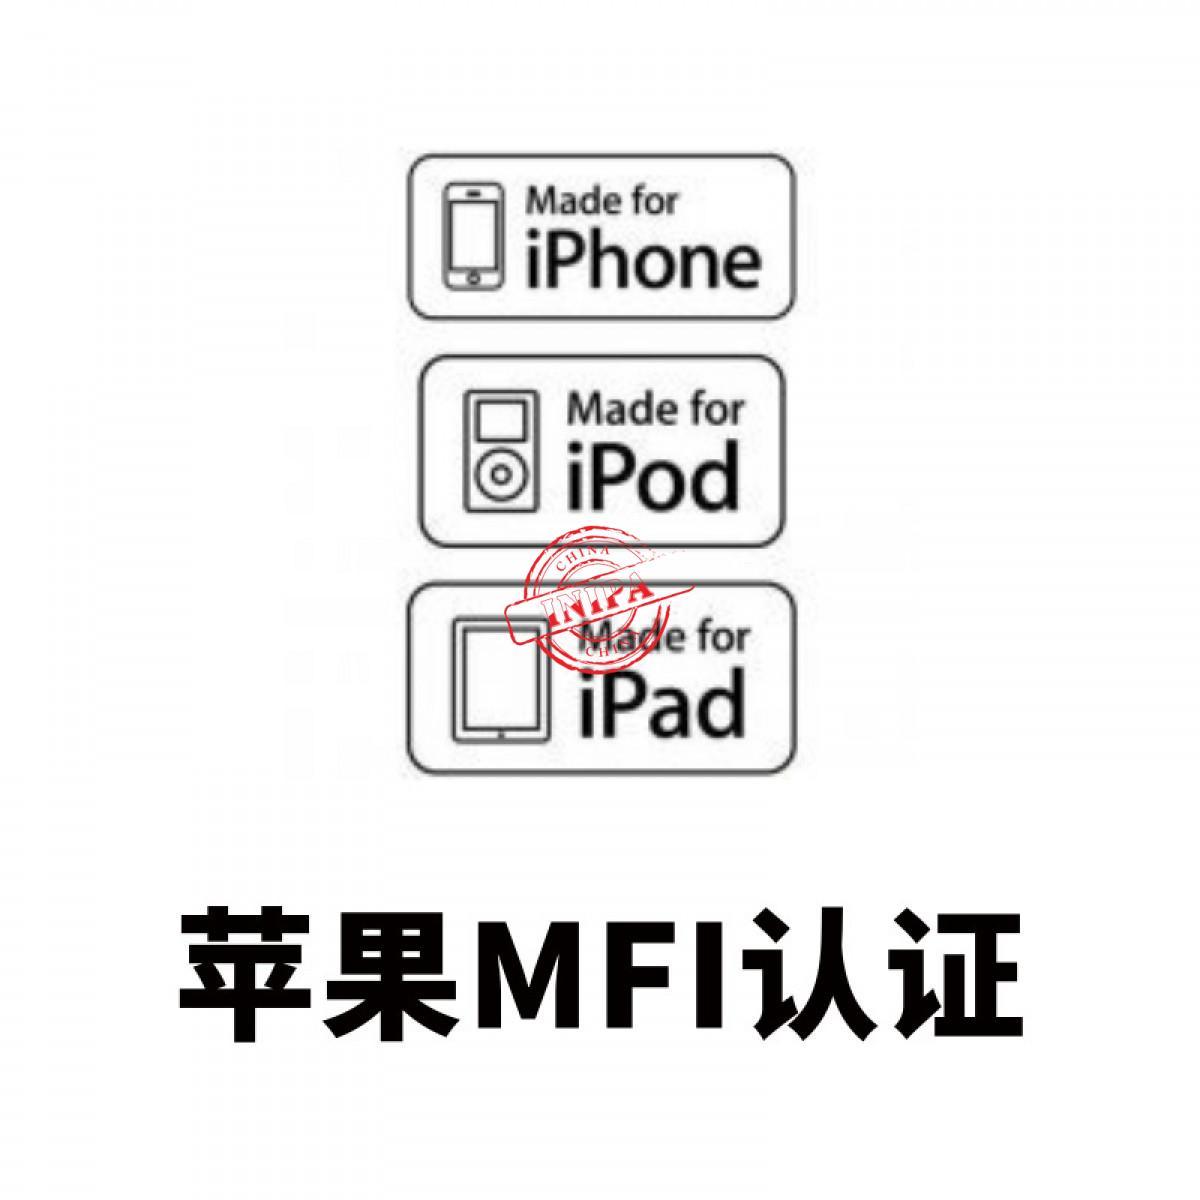 苹果MFI认证_专业认证服务机构